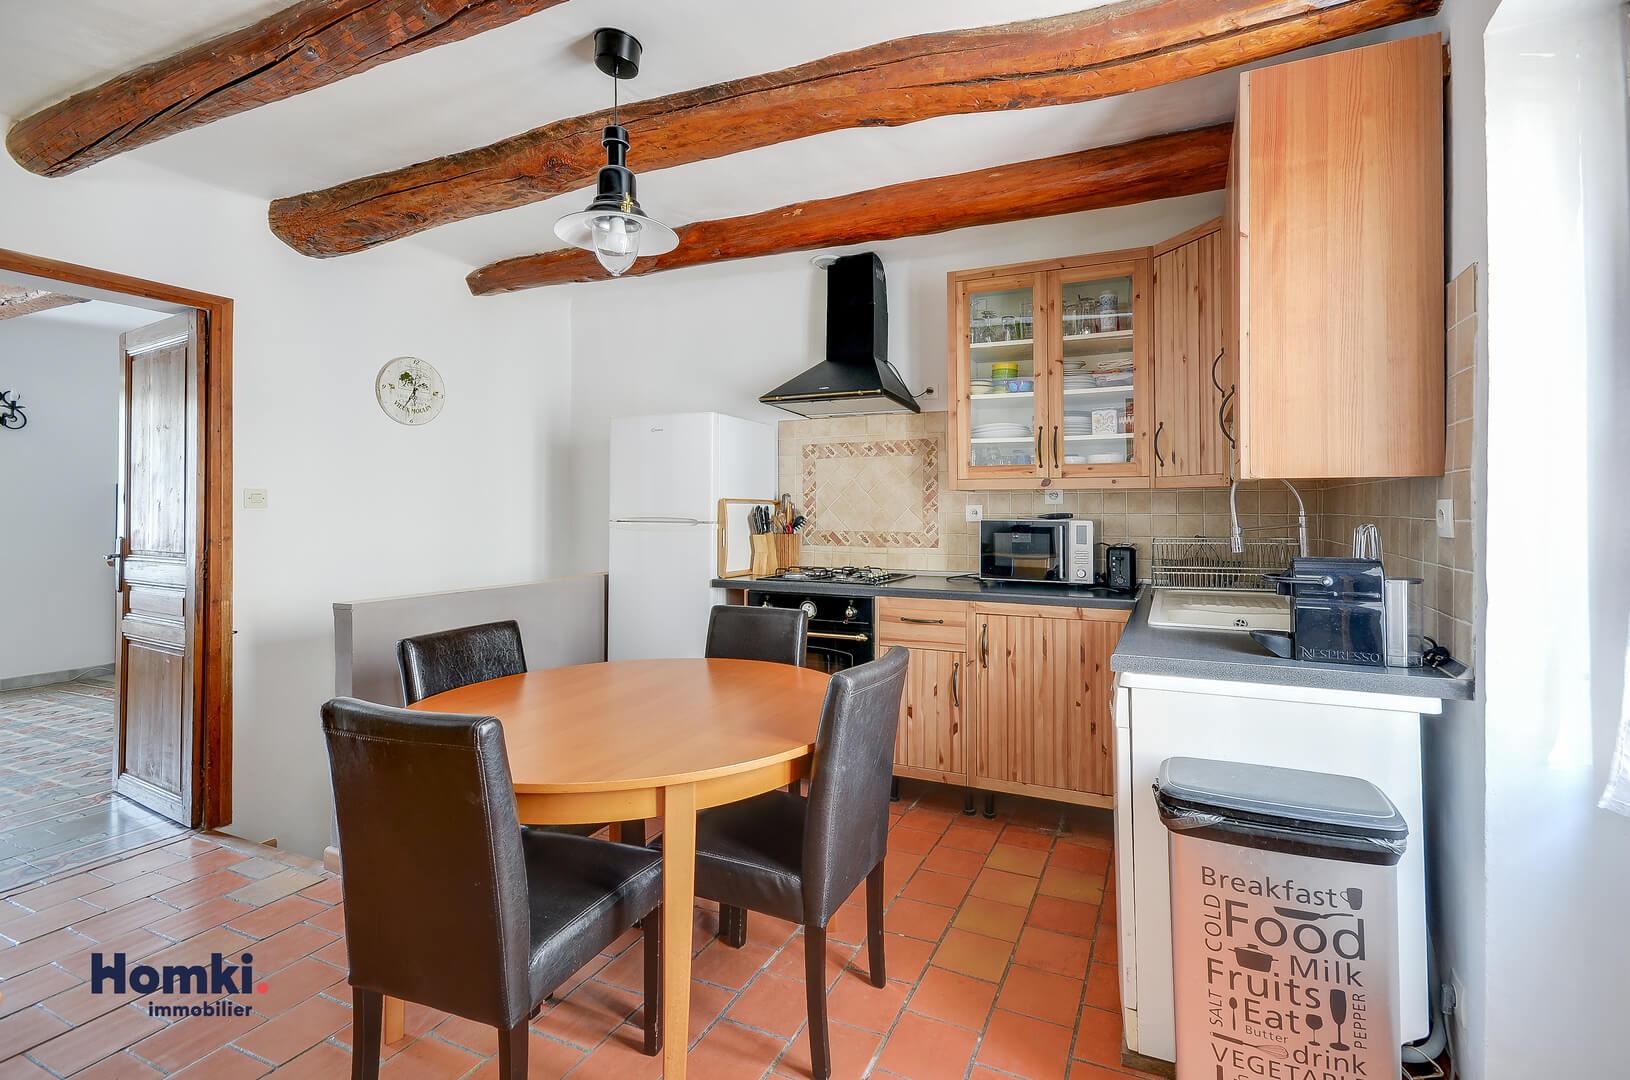 Vente Maison 70 m² T3 13290 Aix en Provence_2